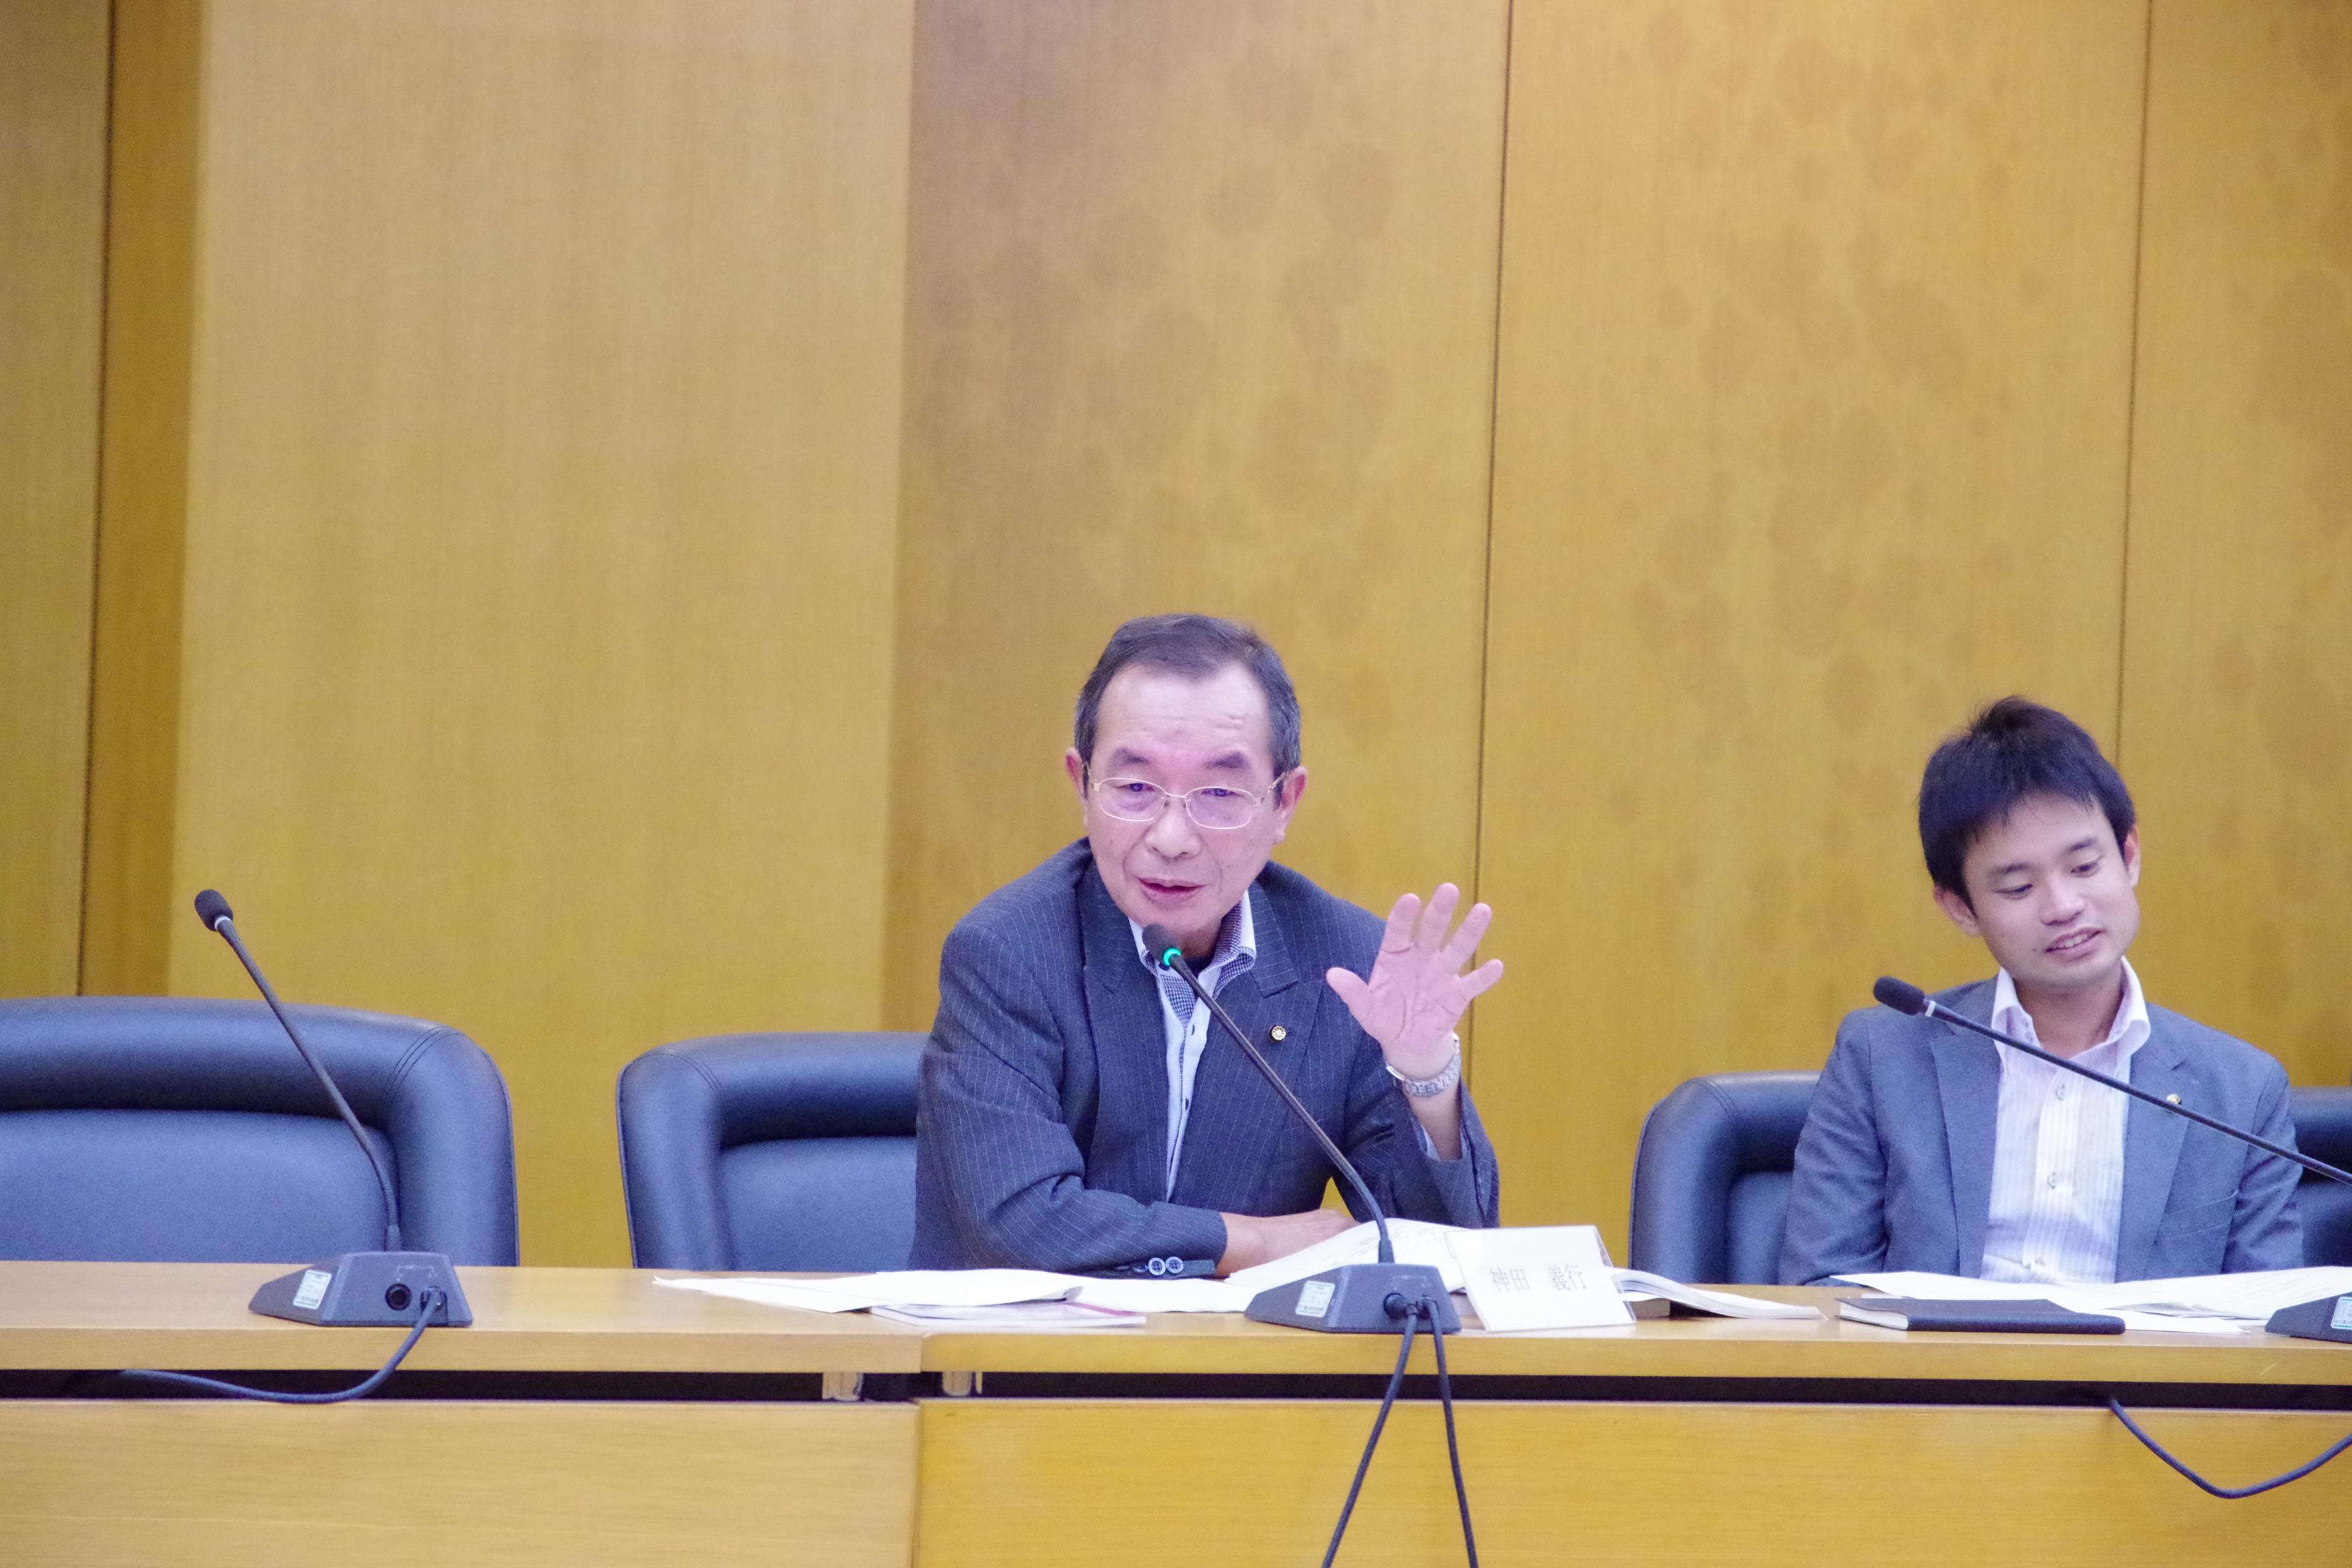 総合政策委員会にて議案外質問をおこなう神田よしゆき市議